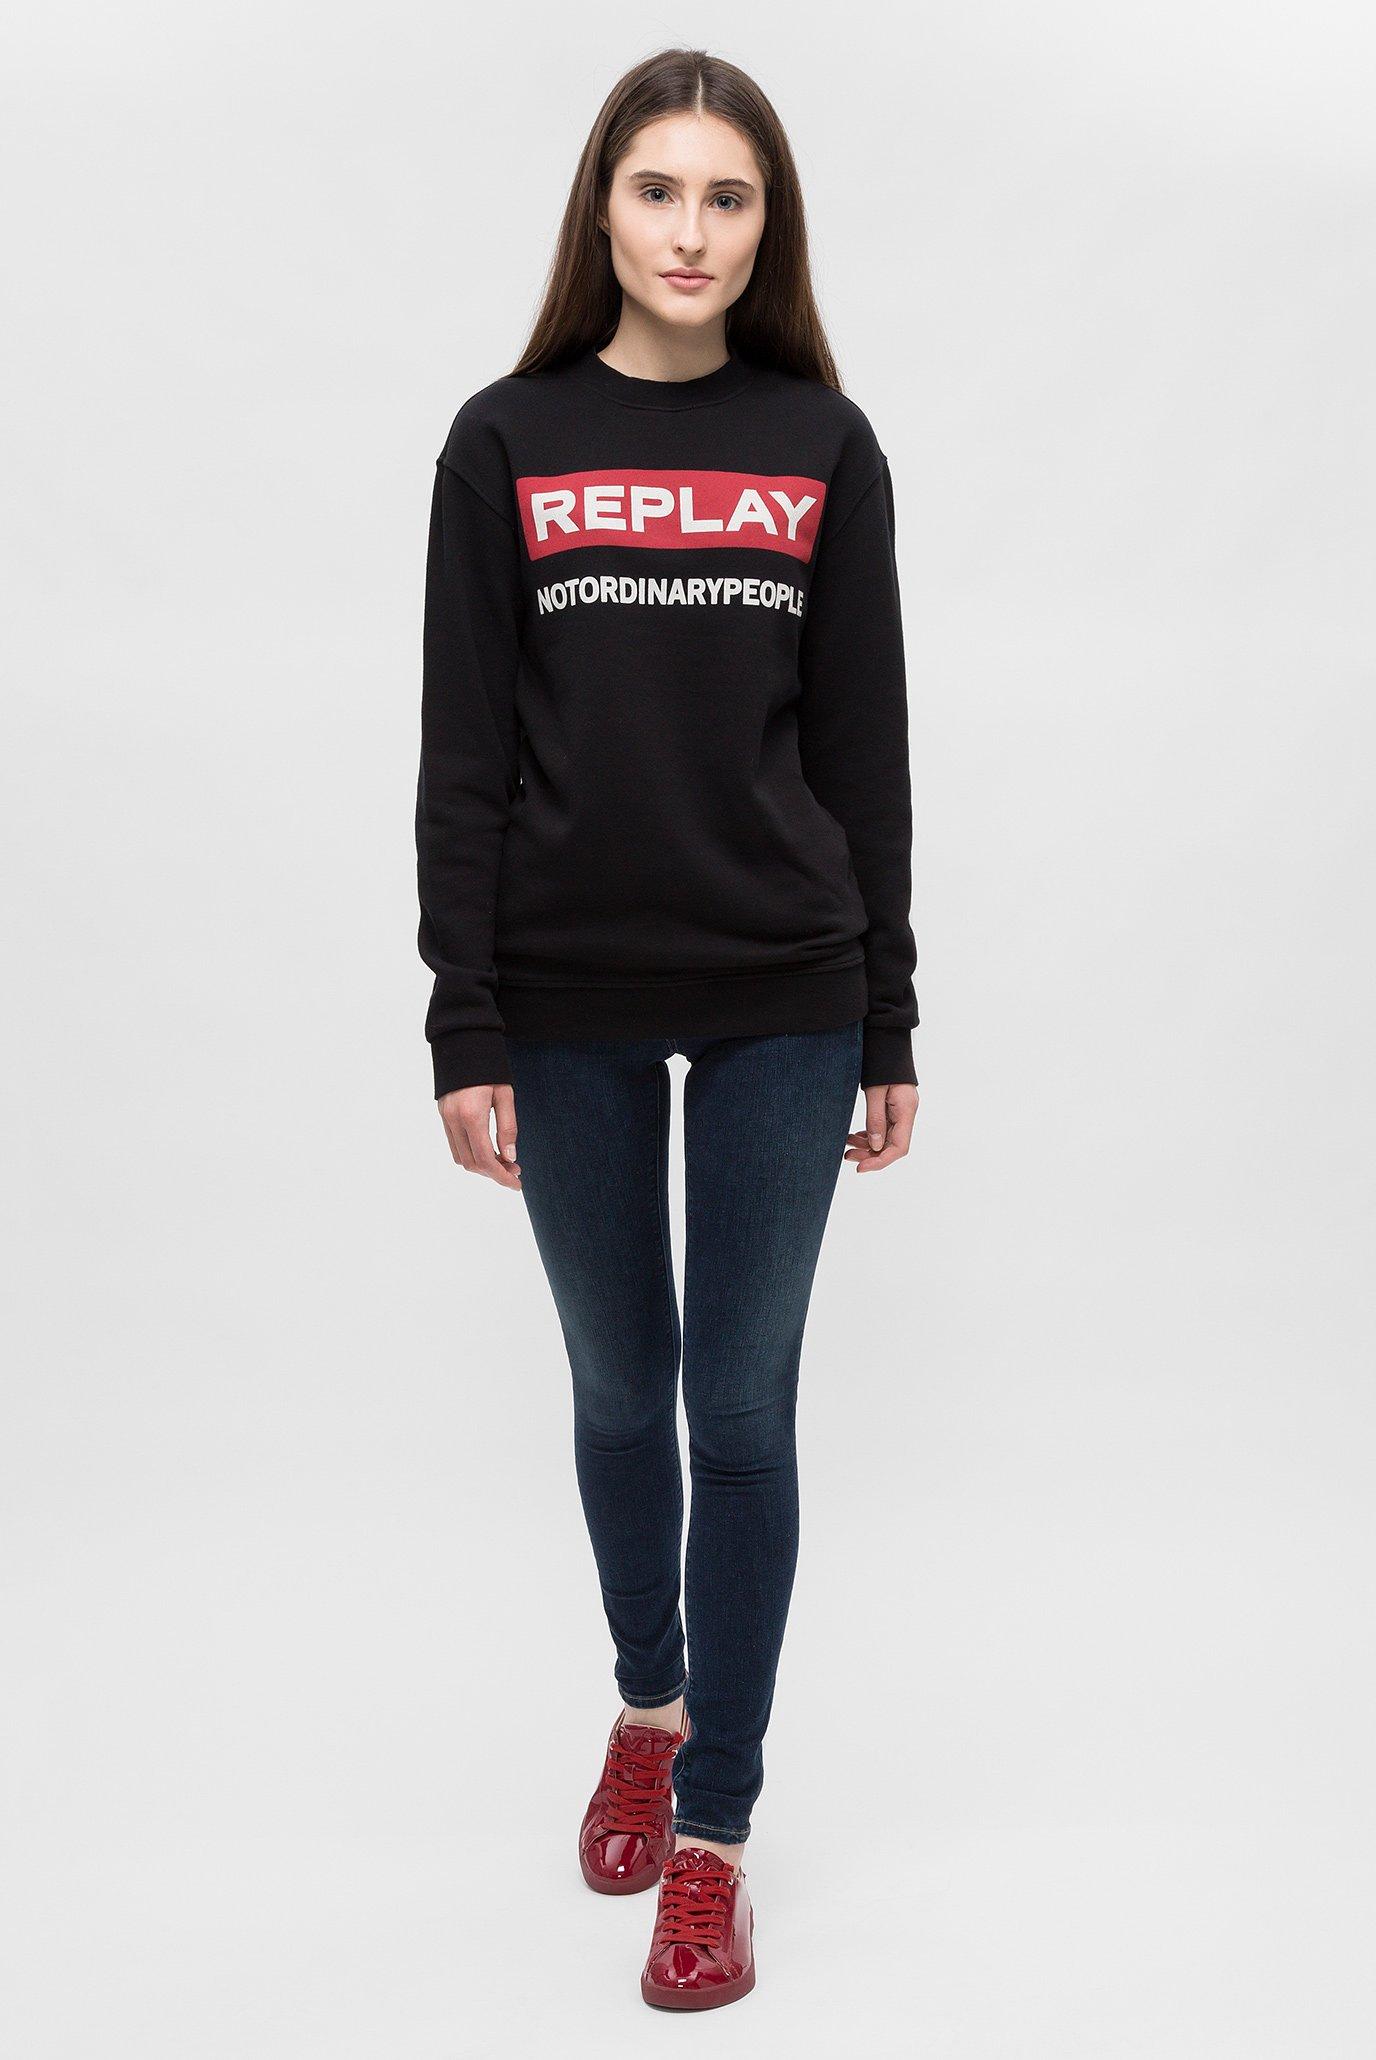 Купить Женские темно-синие джинсы LUZ Replay Replay WX689R.000.71B 325 – Киев, Украина. Цены в интернет магазине MD Fashion